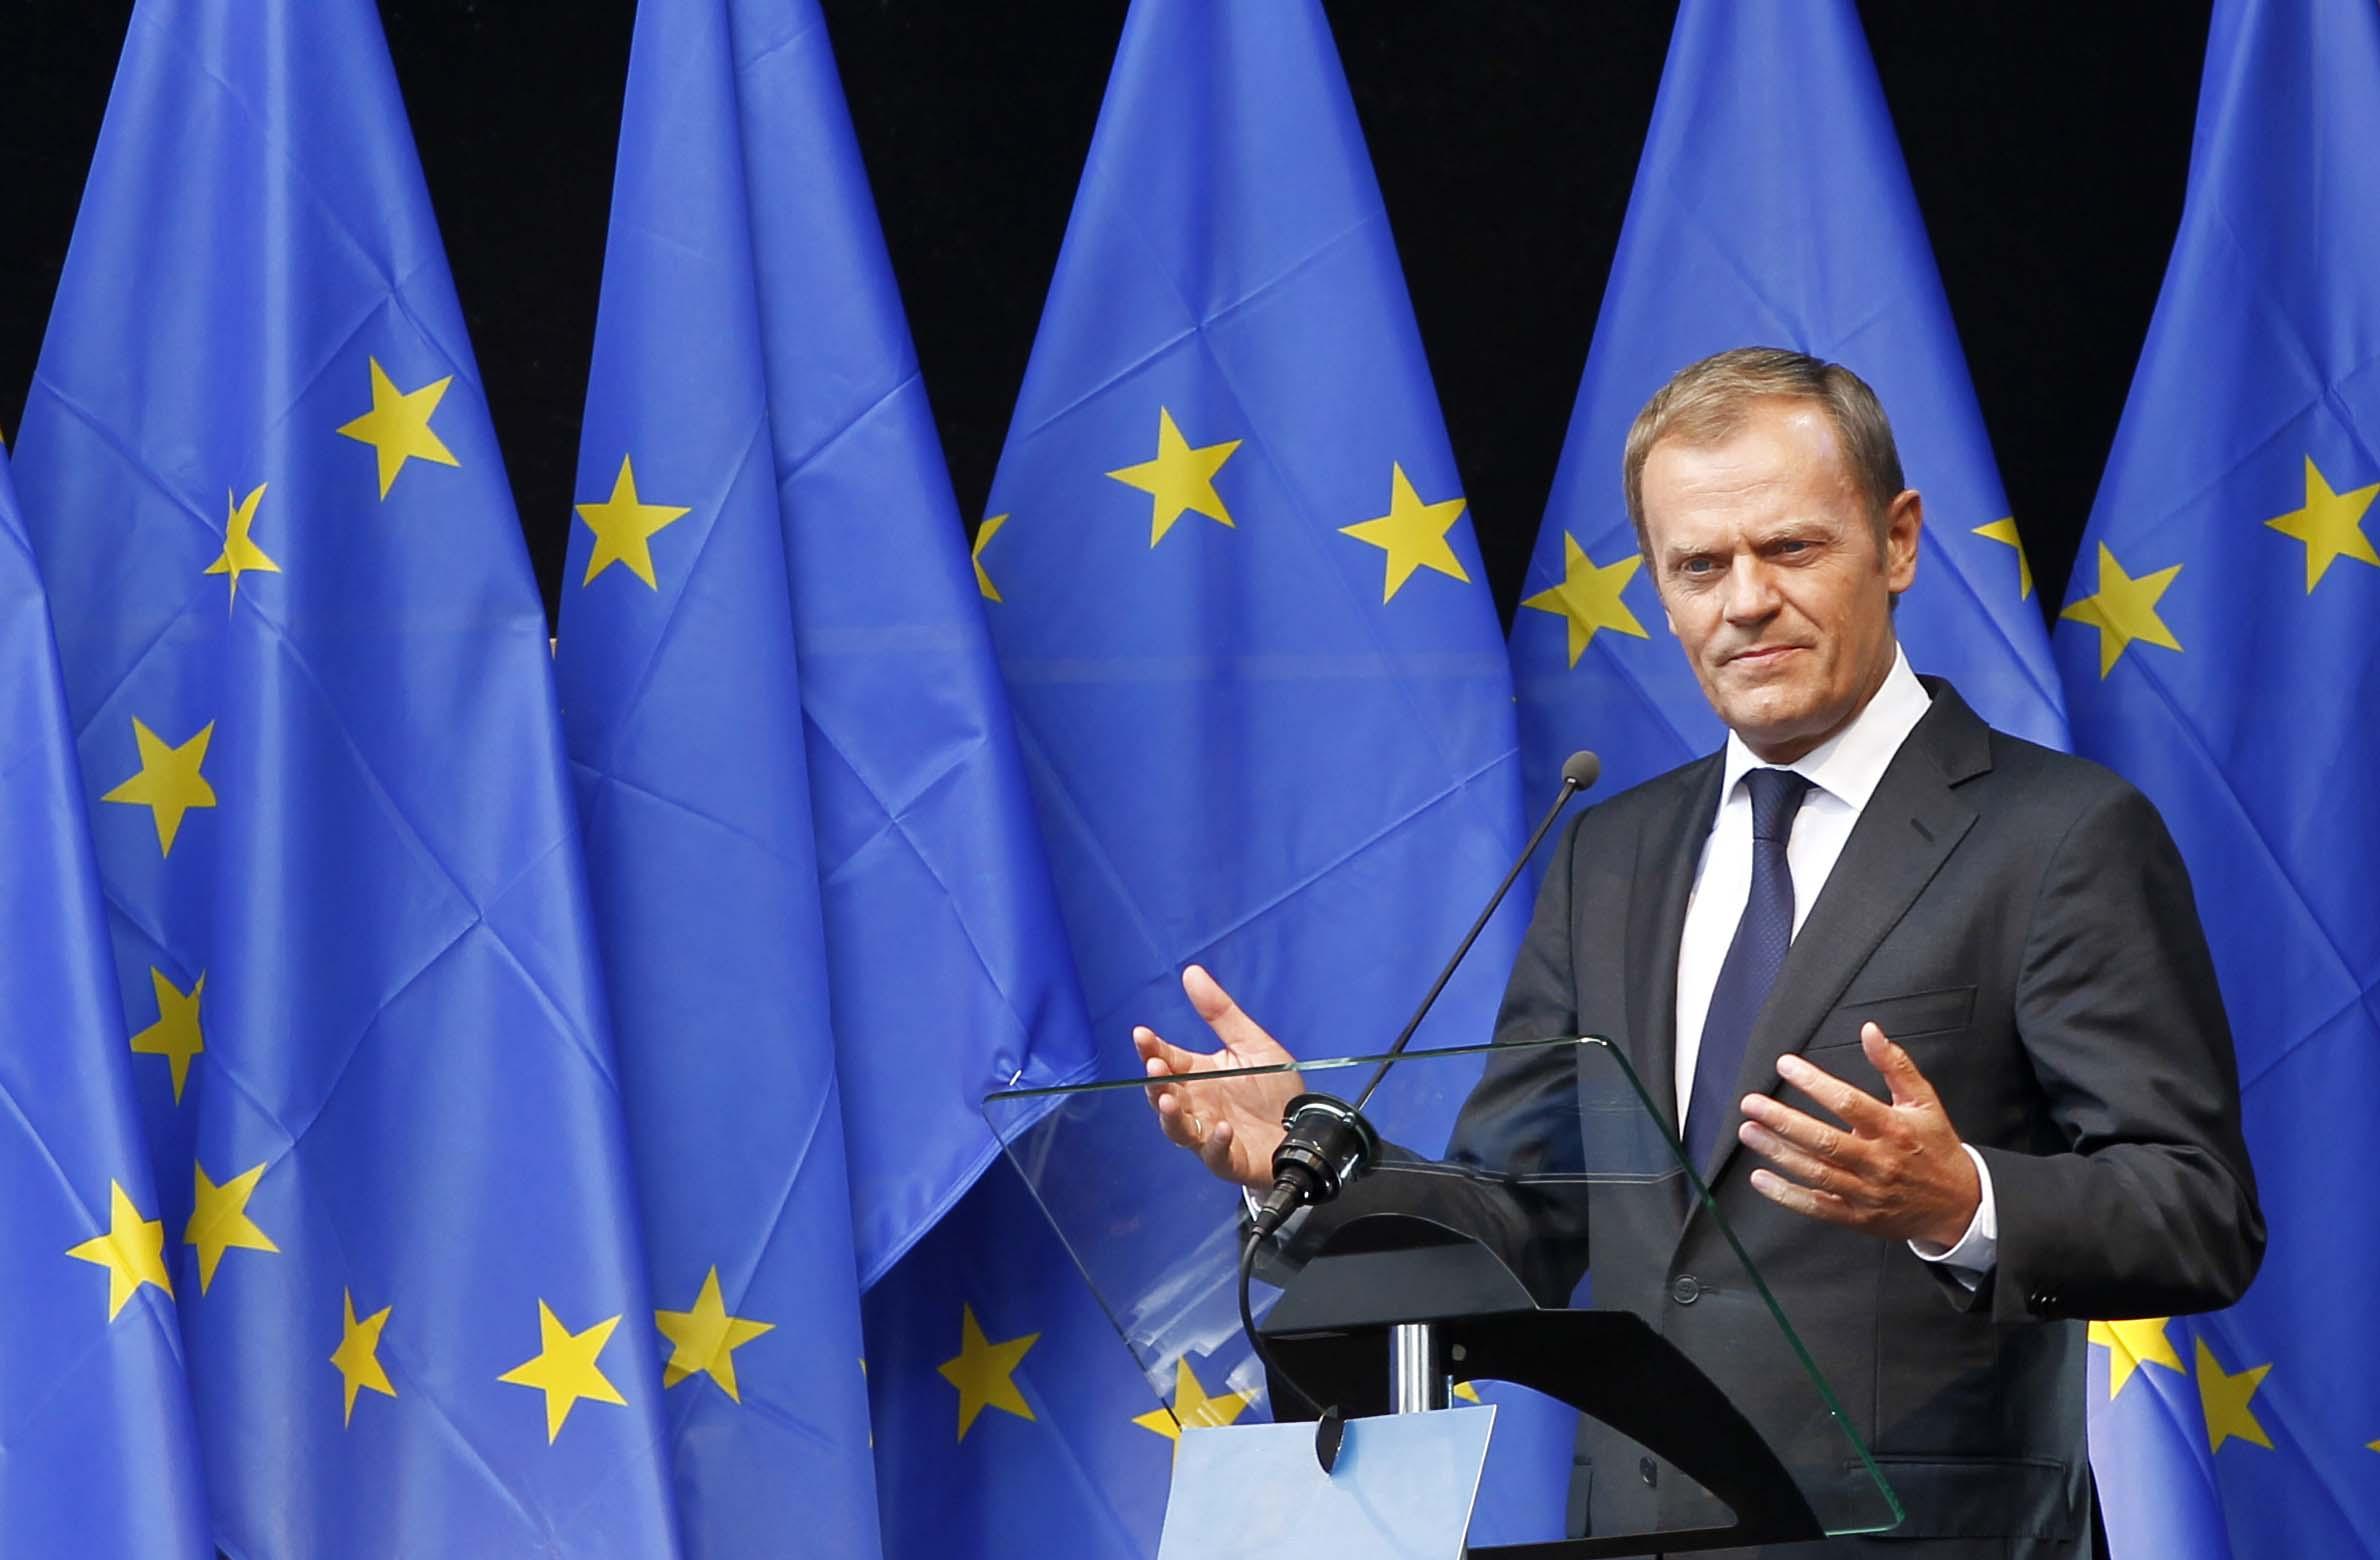 donaldtusk_eu_flags